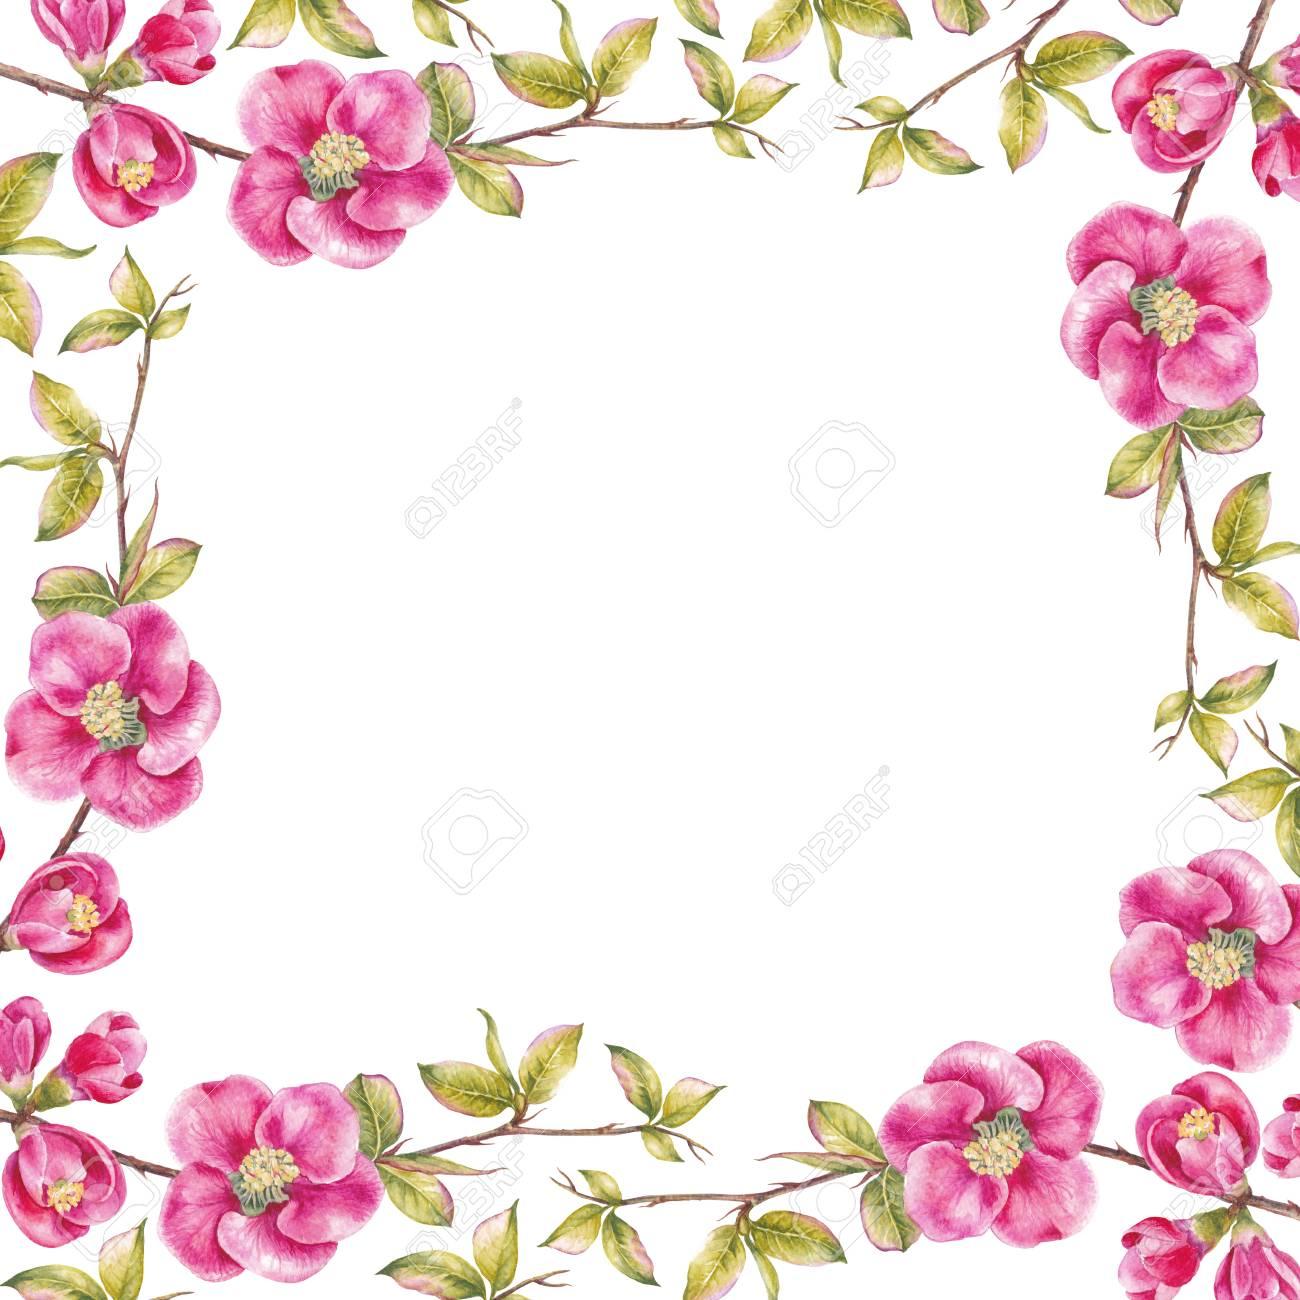 Marco Rectangular De Flores De Cerezo Rosa Plantilla De Tarjeta De Invitación Para Bodas Cumpleaños U Otras Vacaciones Ilustración Botánica